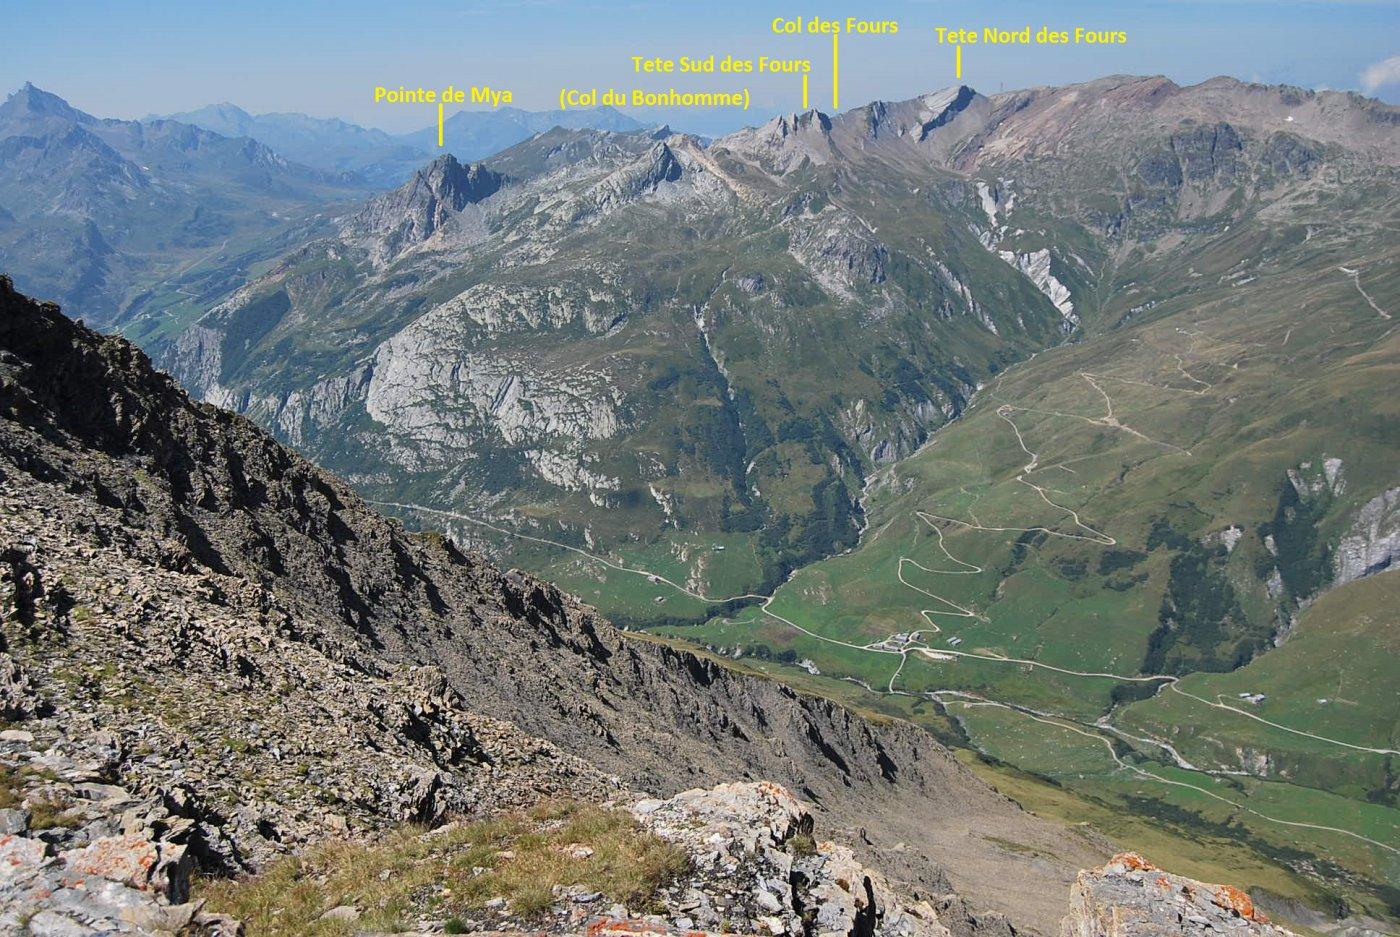 Dalla cresta: vista verso il Col du Bonhomme sul TMB